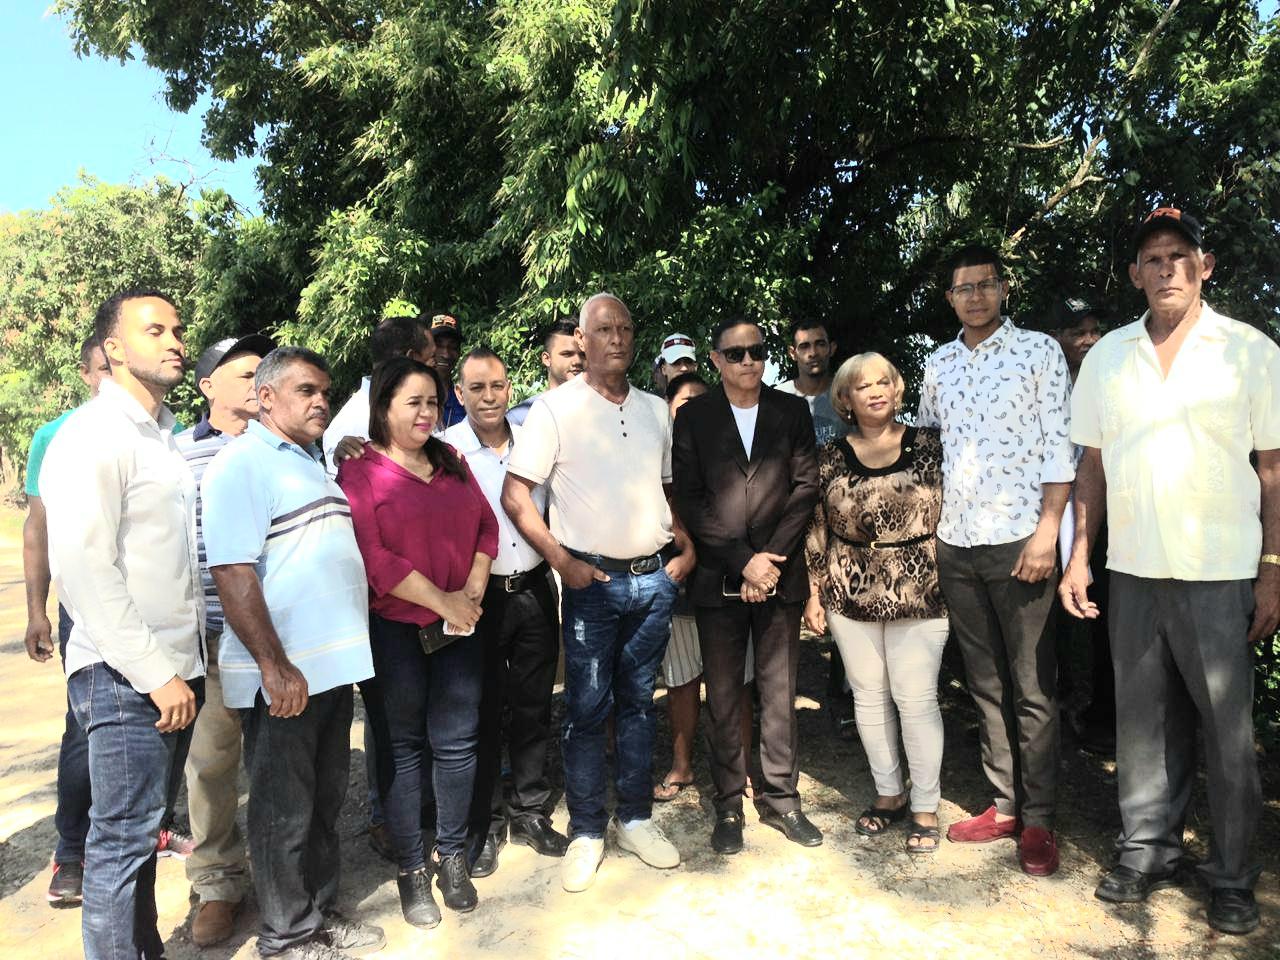 Alcalde SFM inaugura obras en comunidades Atabalero y Los Bejucos.